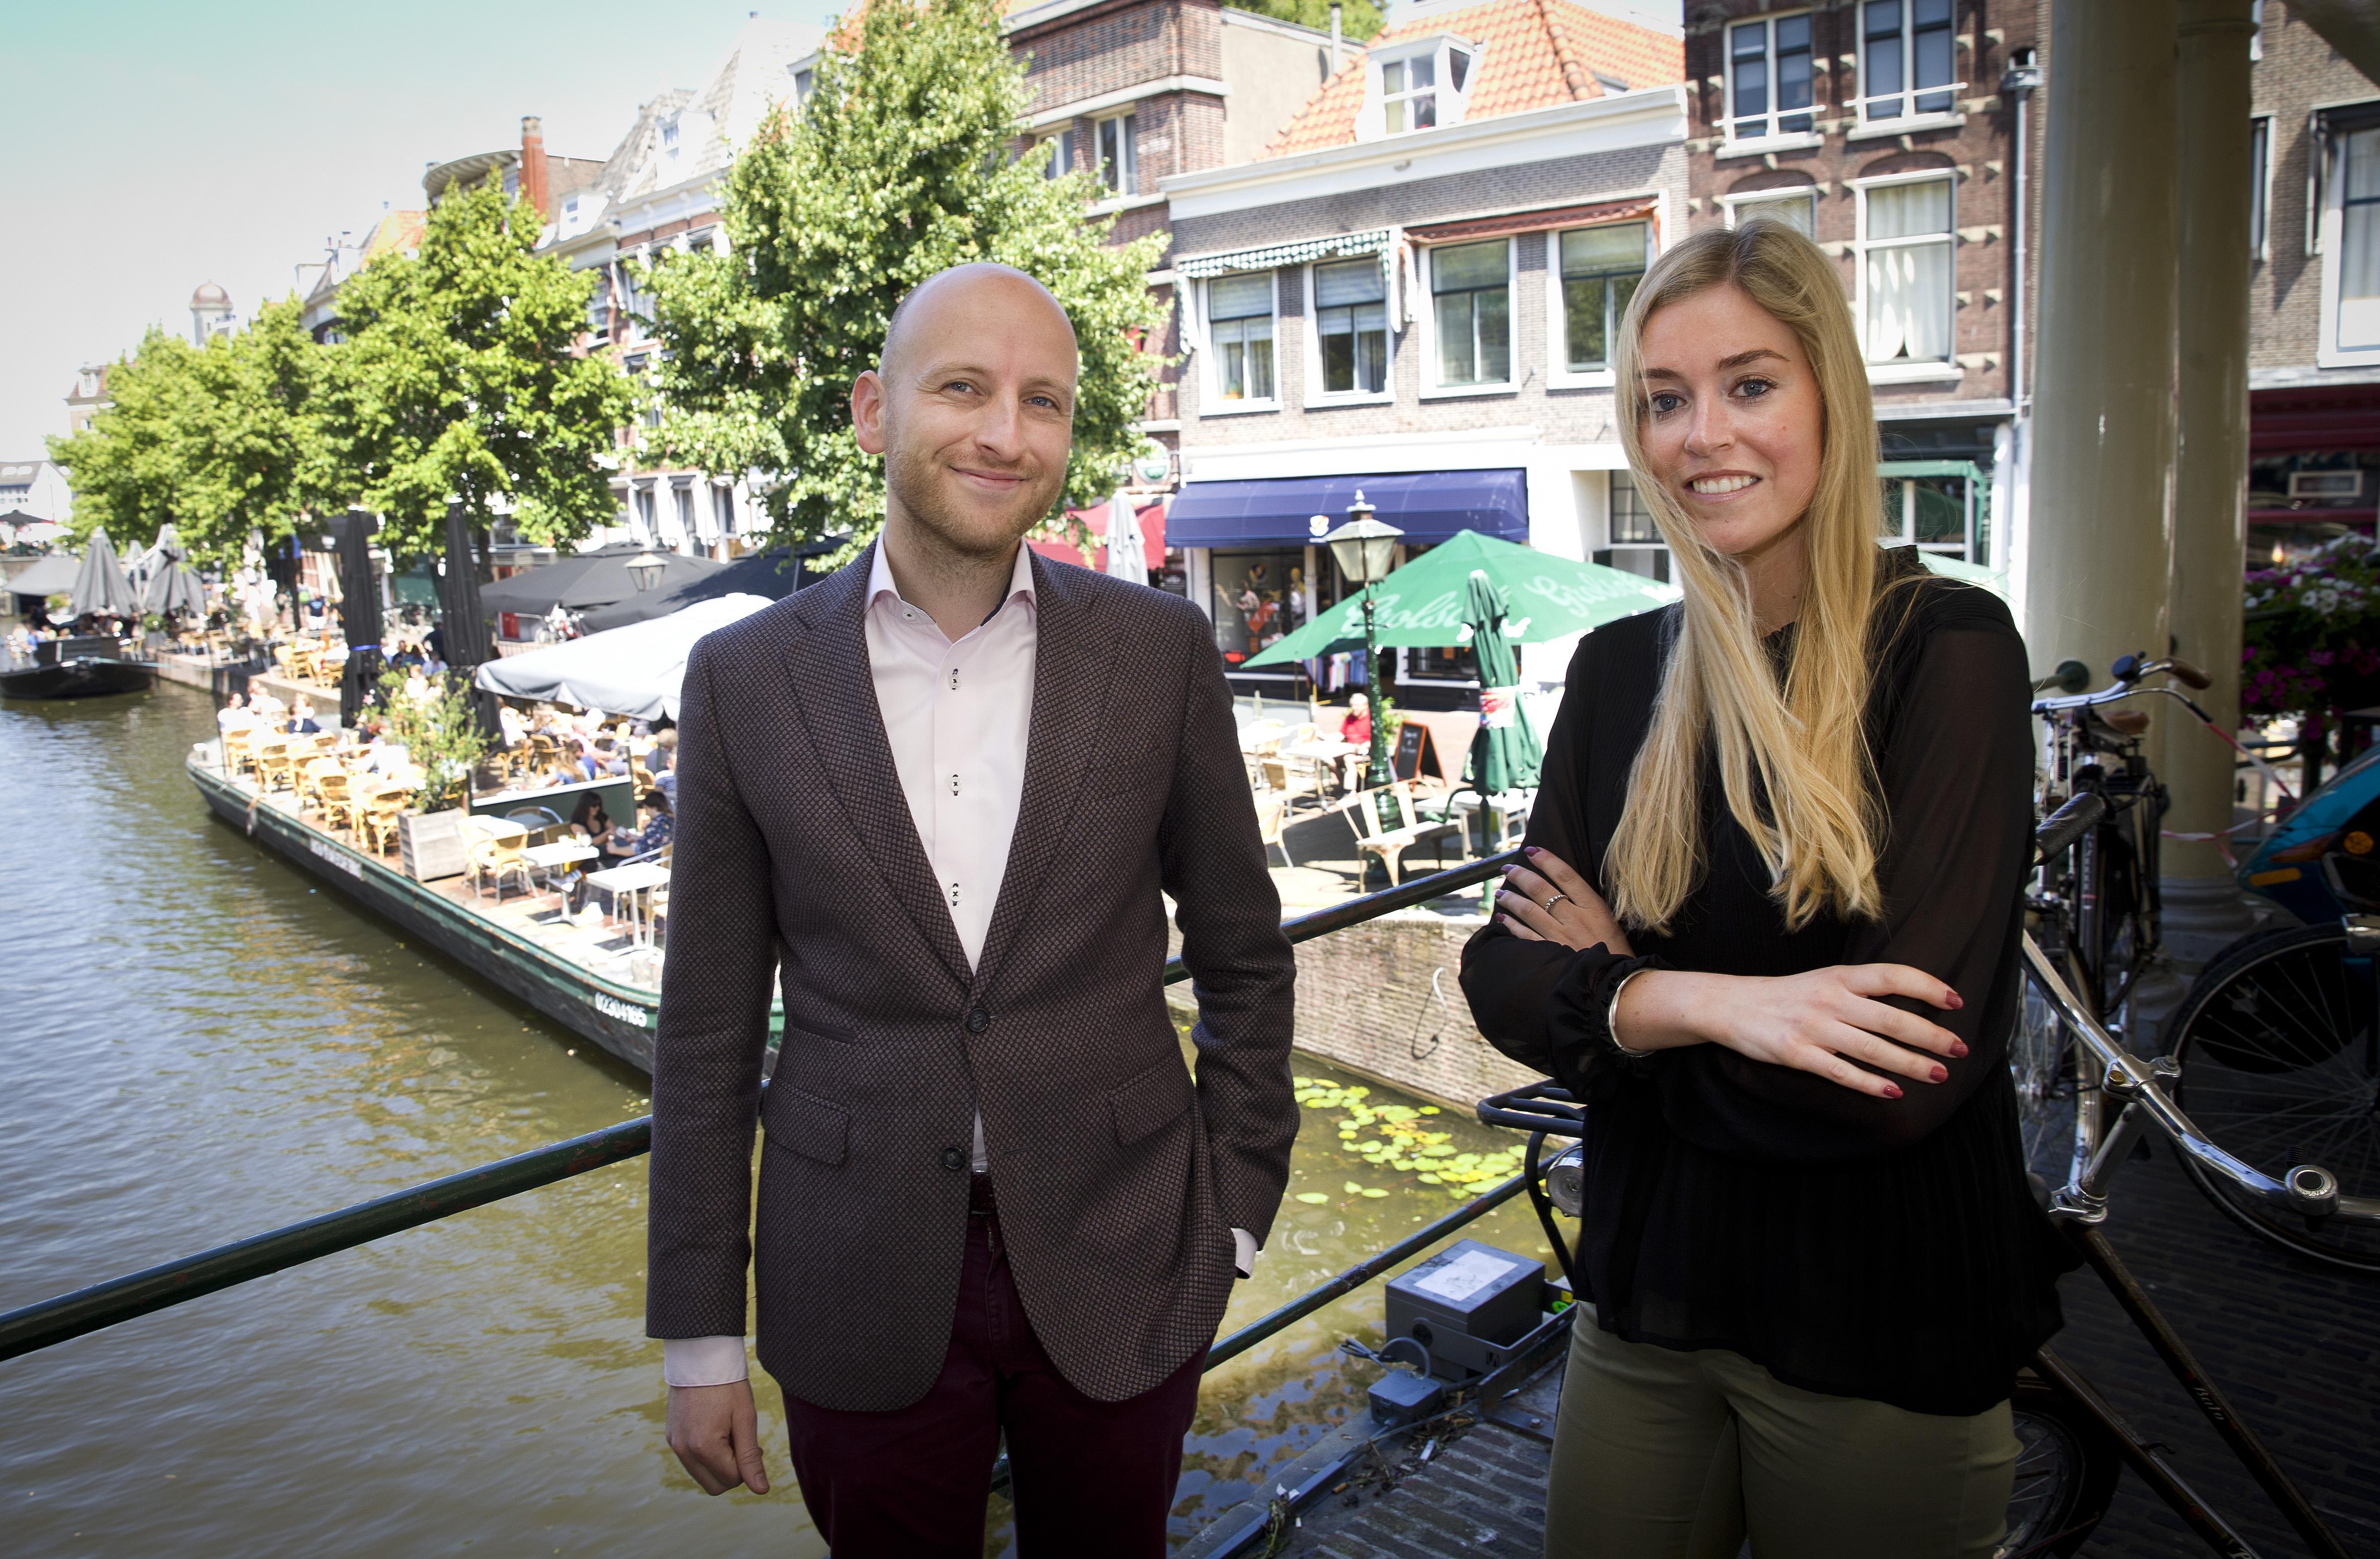 Onderzoekers Raisa Blommestijn (26) en Bart Collard (32) van Universiteit Leiden schrijven pleidooi tegen de afrekencultuur. 'Ik werd Arische prinses genoemd'